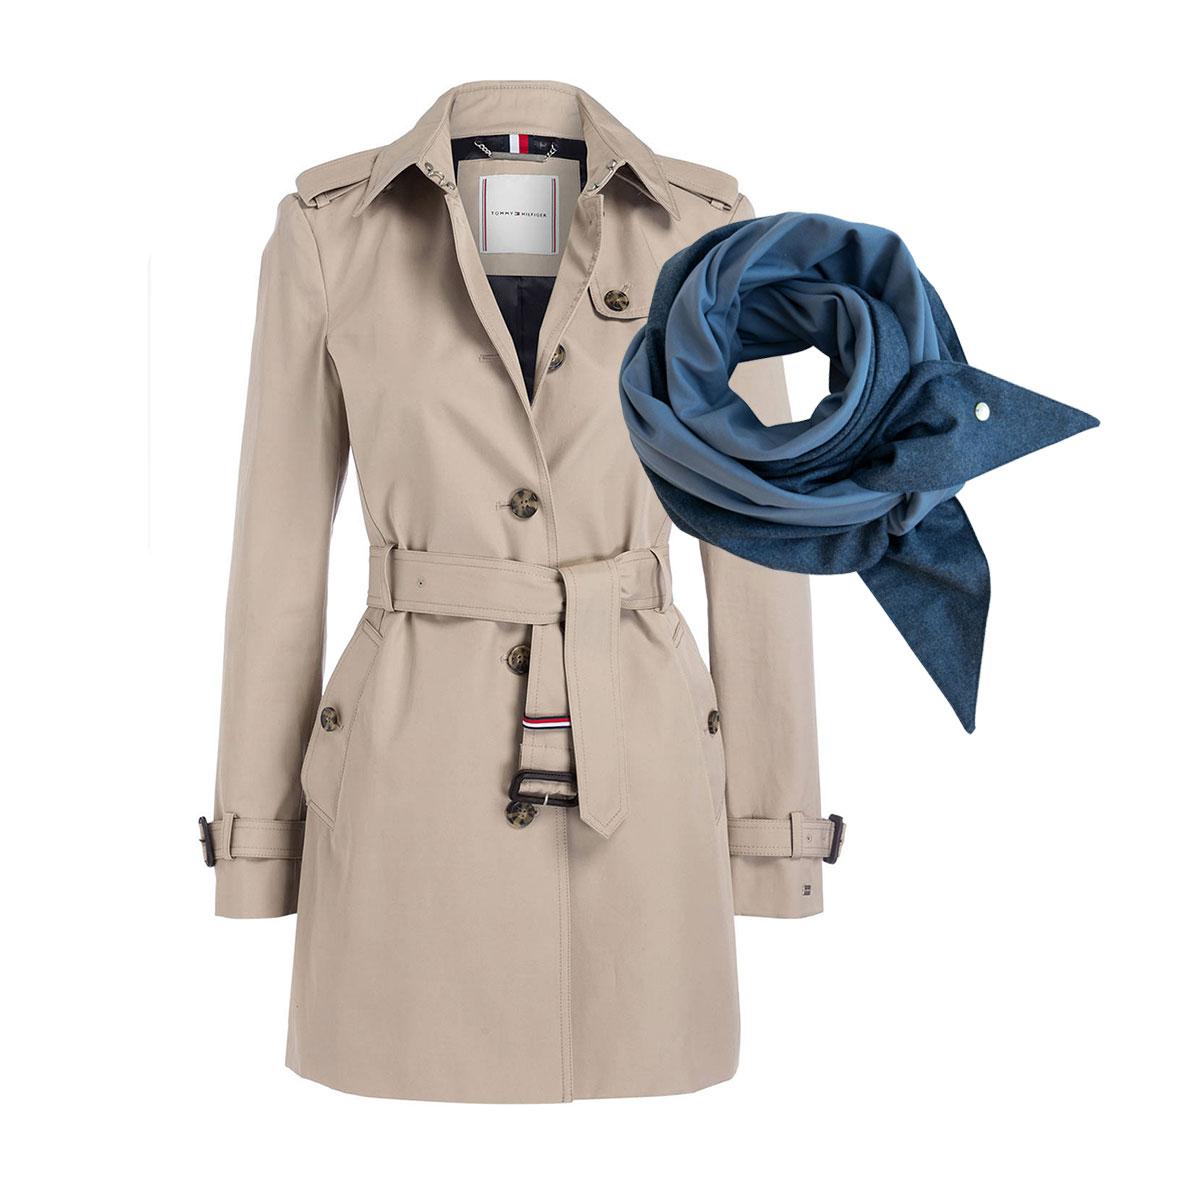 Trenchcoat beige, Tommy Hilfiger Mantel, Kurzer Herbstmantel, Herbstmode, Schultertuch aus Merinowolle, Schal blau